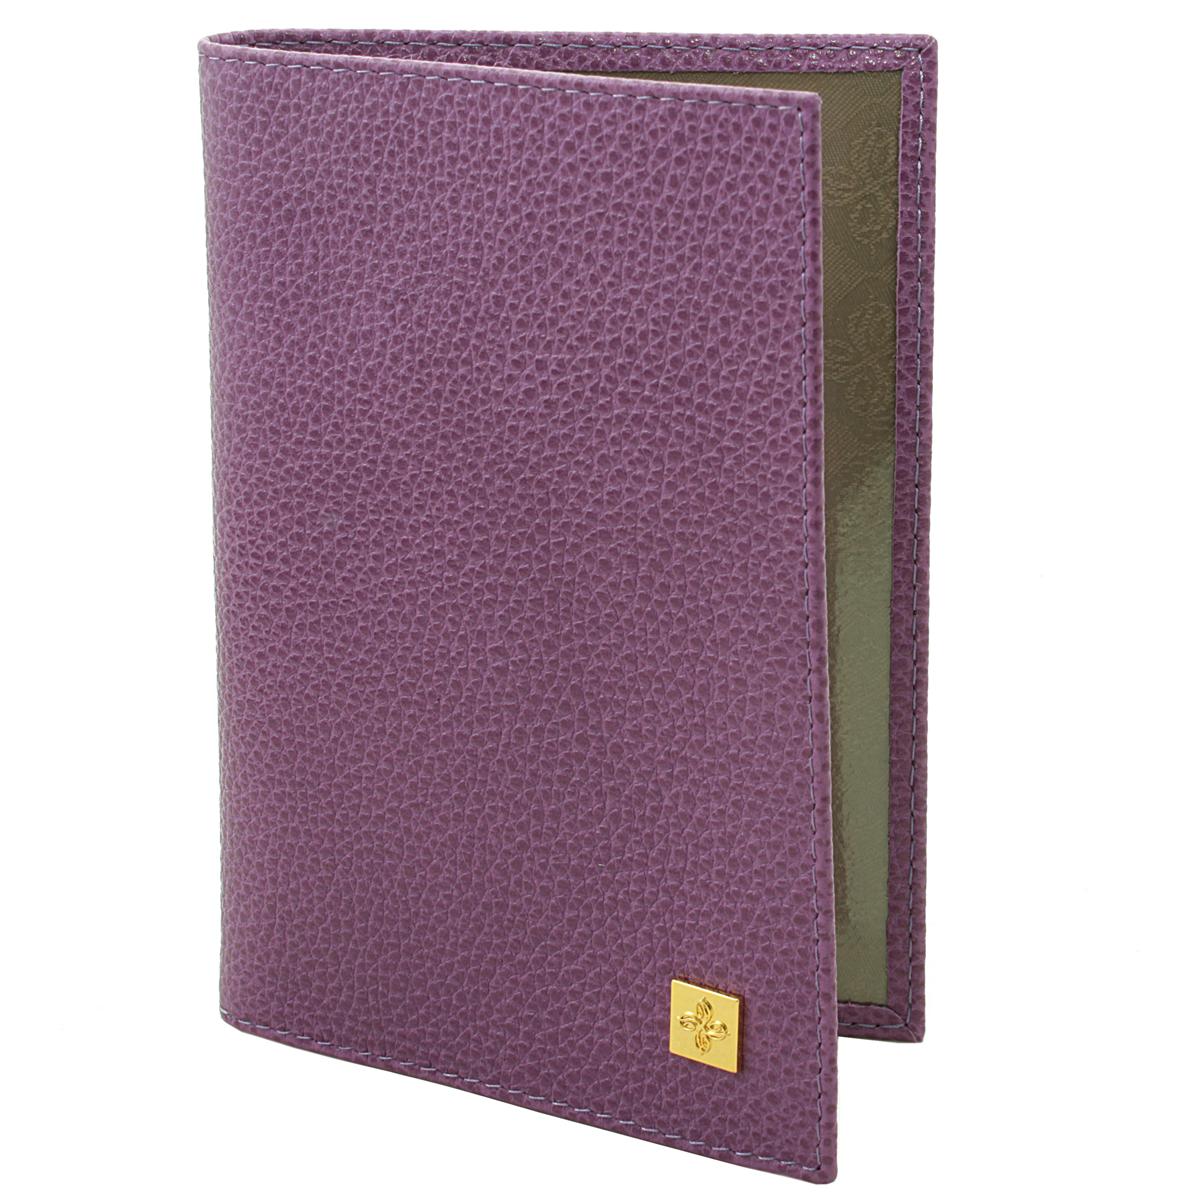 Обложка для паспорта женская Dimanche Purpur, цвет: пурпурный. 100100Обложка для паспорта Purpur выполнена из натуральной кожи с фактурным тиснением. На внутреннем развороте расположено два вертикальных кармана из прозрачного пластика.Обложка не только поможет сохранить внешний вид ваших документов и защитит их от повреждений, но и станет ярким аксессуаром, который подчеркнет ваш образ. Обложка упакована в фирменную картонную коробку. Характеристики:Материал: натуральная кожа, текстиль, ПВХ. Размер обложки: 9,5 см х 13,5 см х 1,5 см. Цвет: пурпурный.